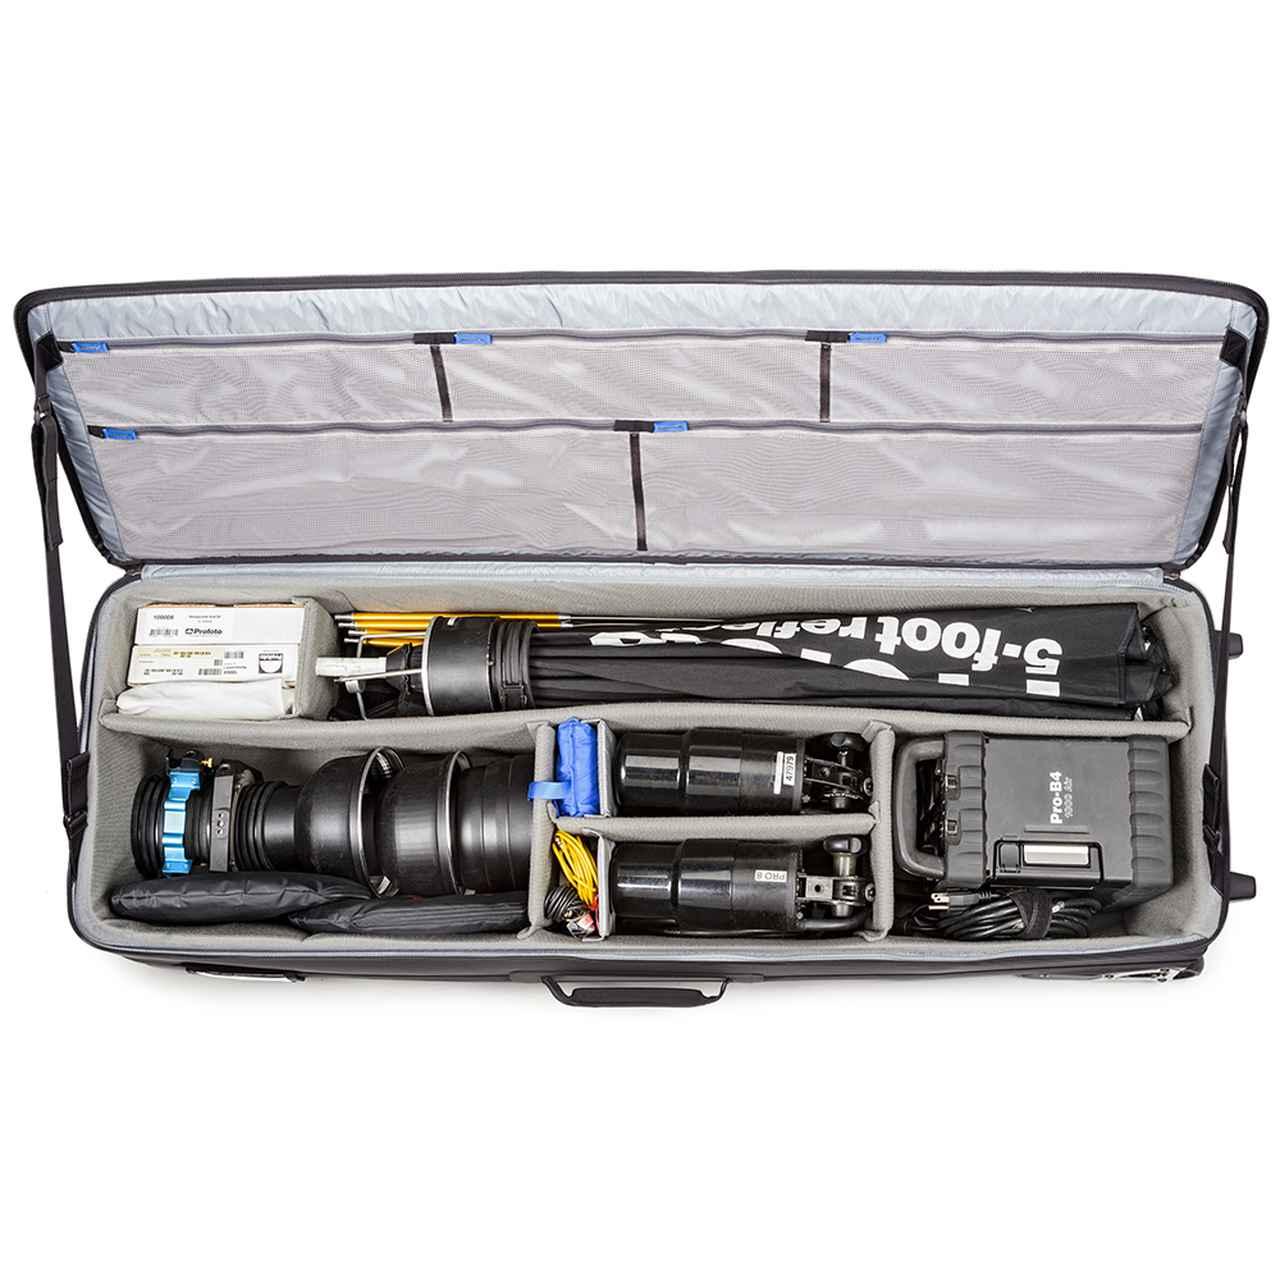 画像3: 銀一はthinkTANKphoto新製品「V2.0 Rolling Cases」を 3月5日より発売!